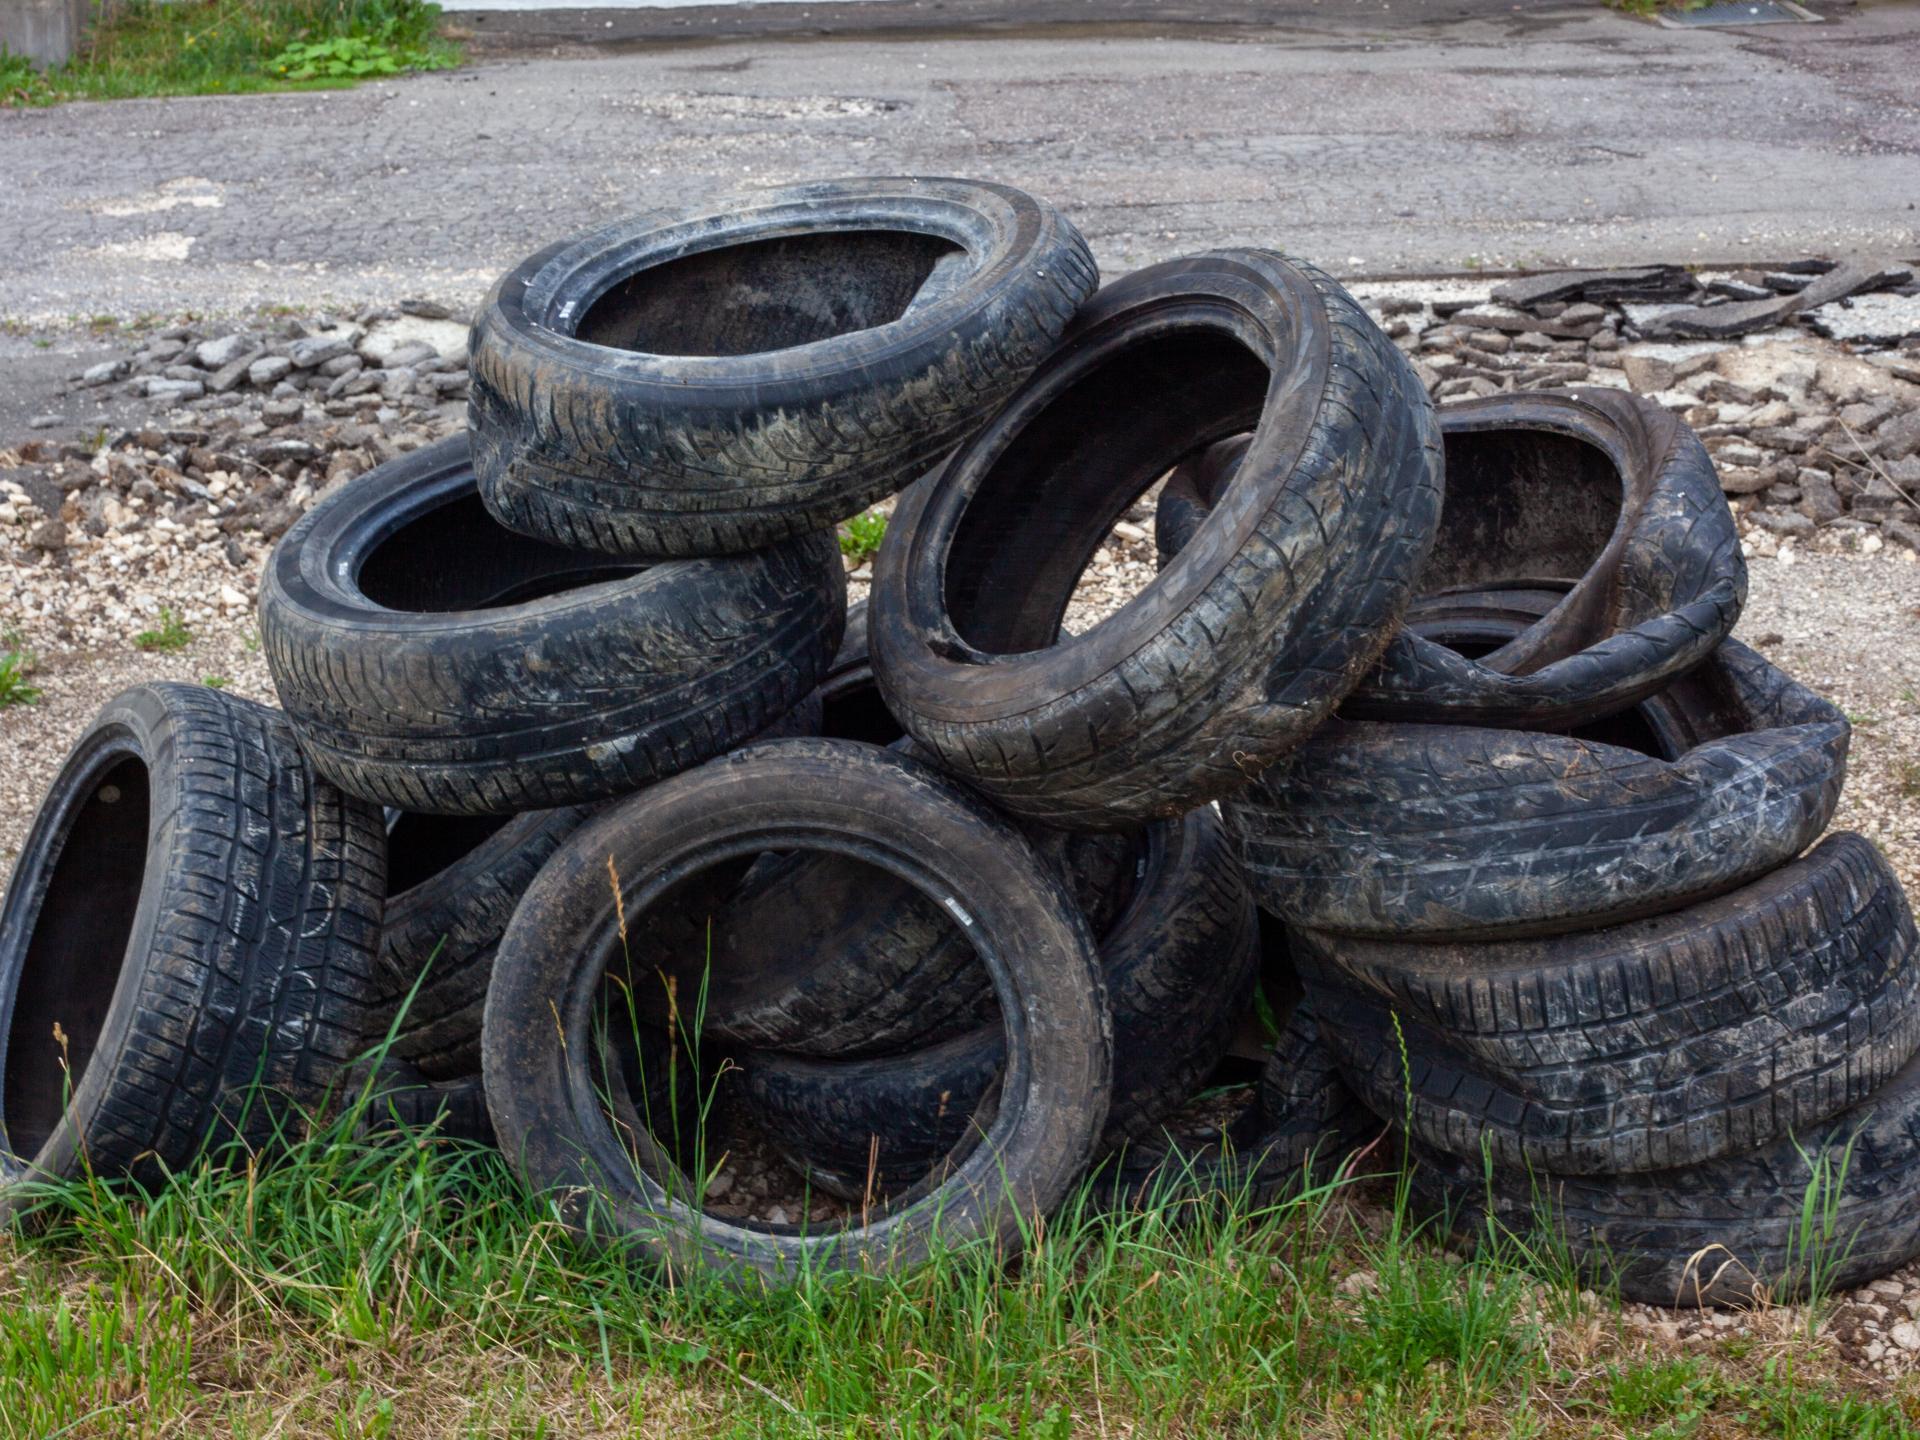 Überraschende Zahlen: ein Großteil des Mikroplastik in der Luft entsteht durch den Abrieb von Autoreifen, deren Zusatzstoffe meist weniger stark kontrolliert werden als für Verpackungsmaterial von Lebensmitteln. - Photocredit:pixabay.com/Jasmin_Sessler